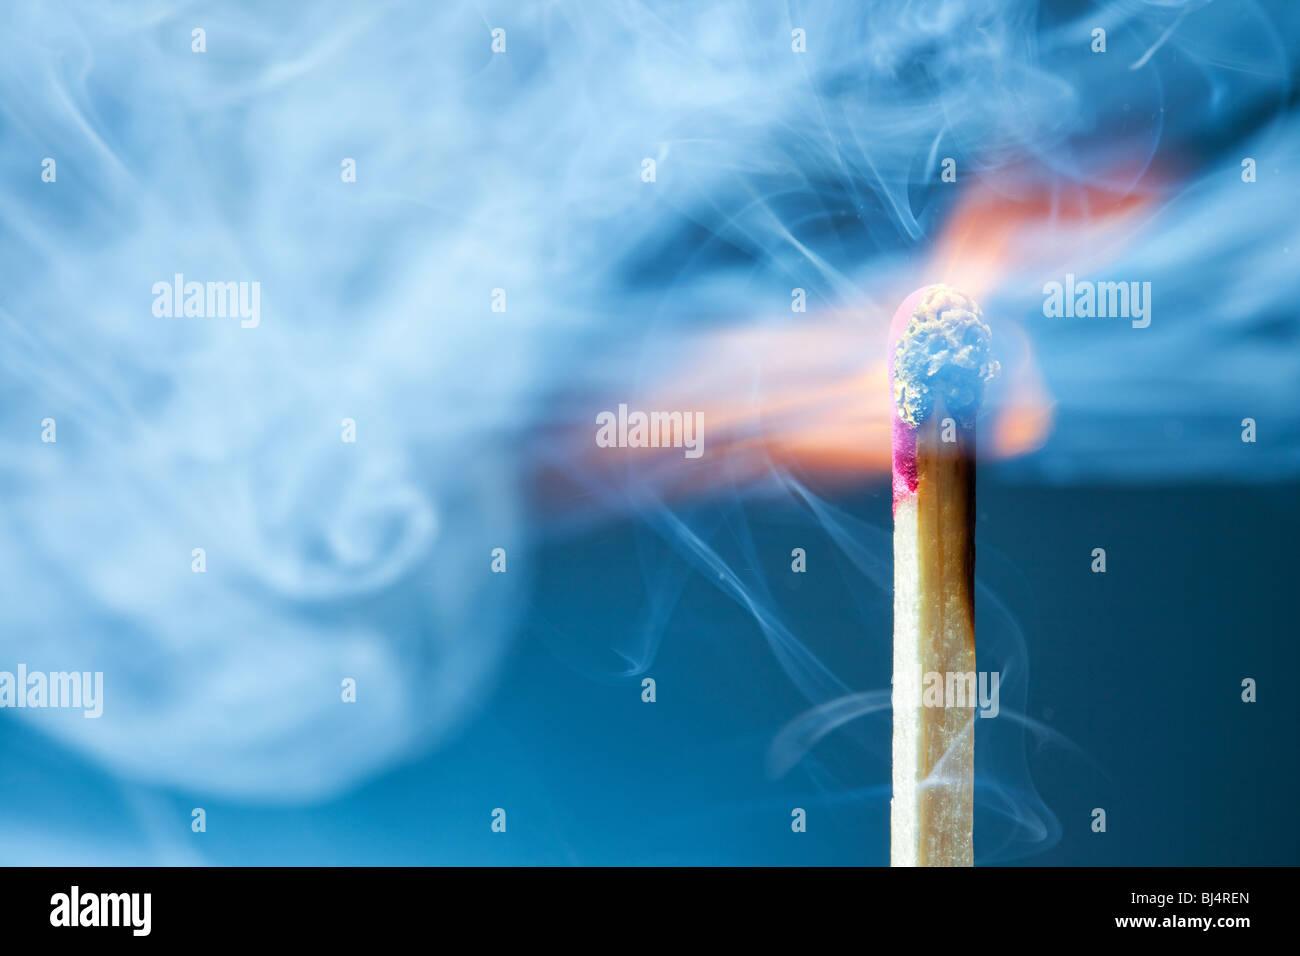 Burning match macro. On blue background. - Stock Image